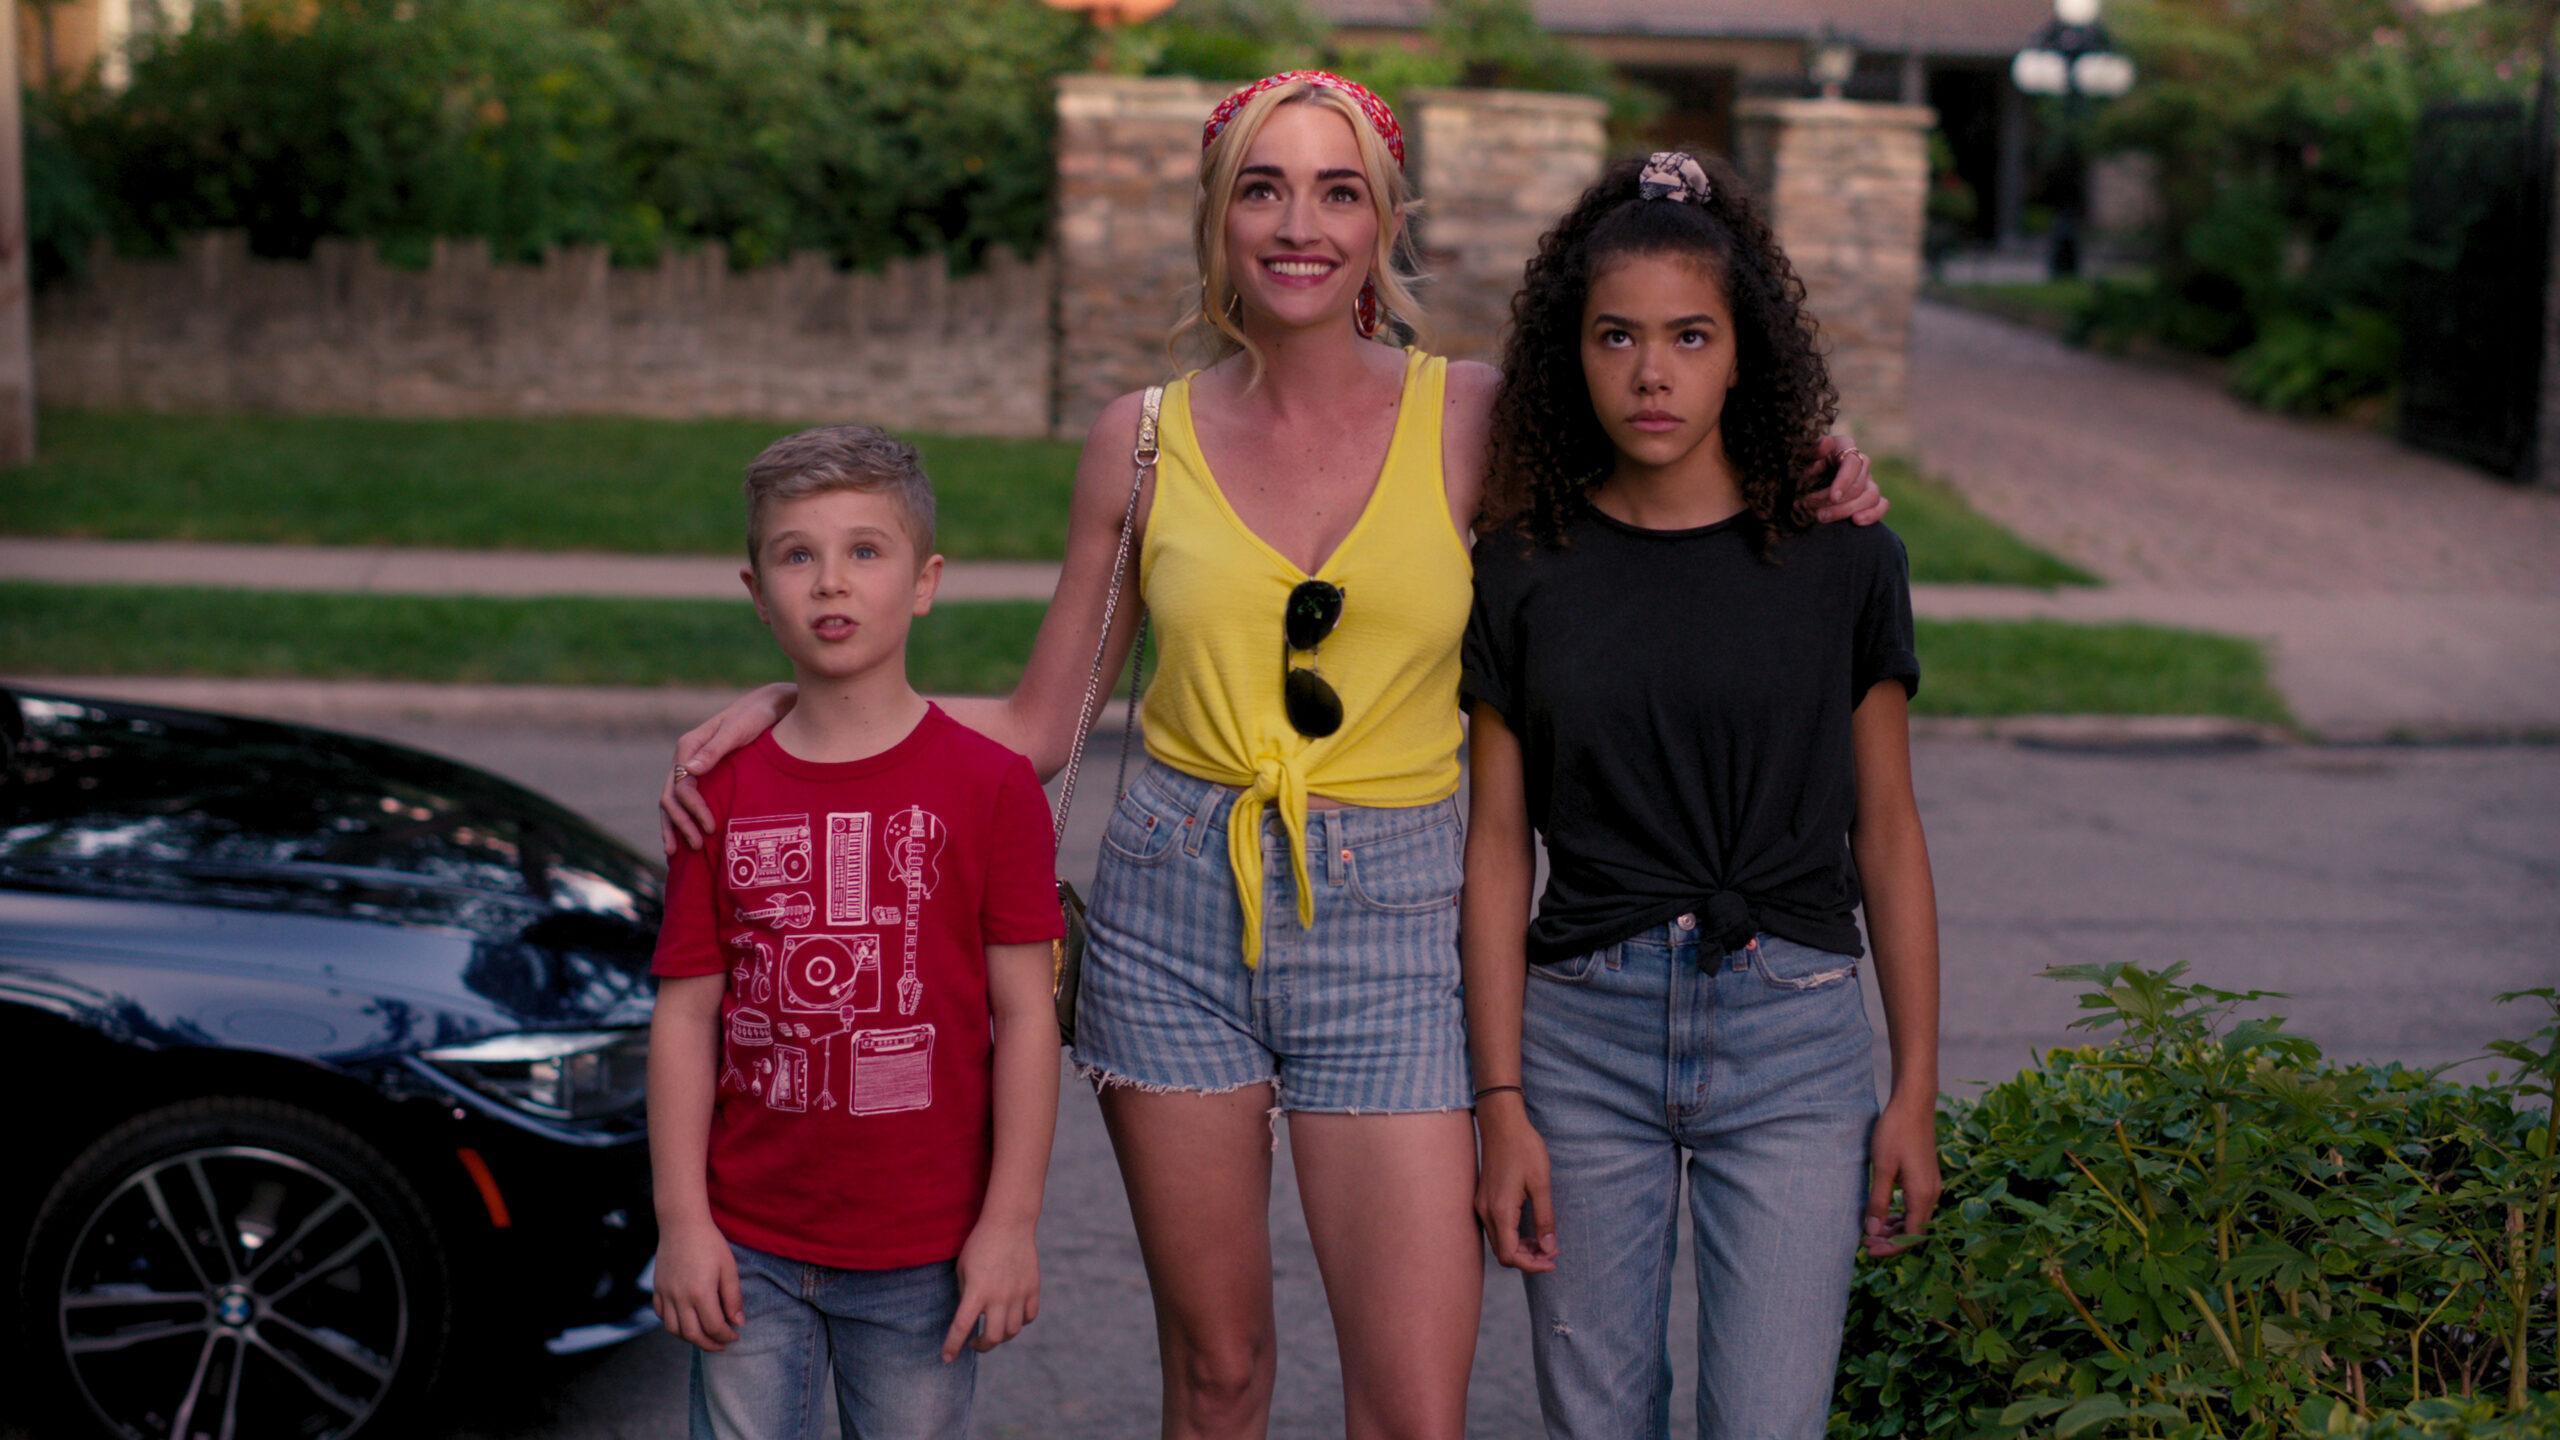 Ginny & Georgia Family Photo